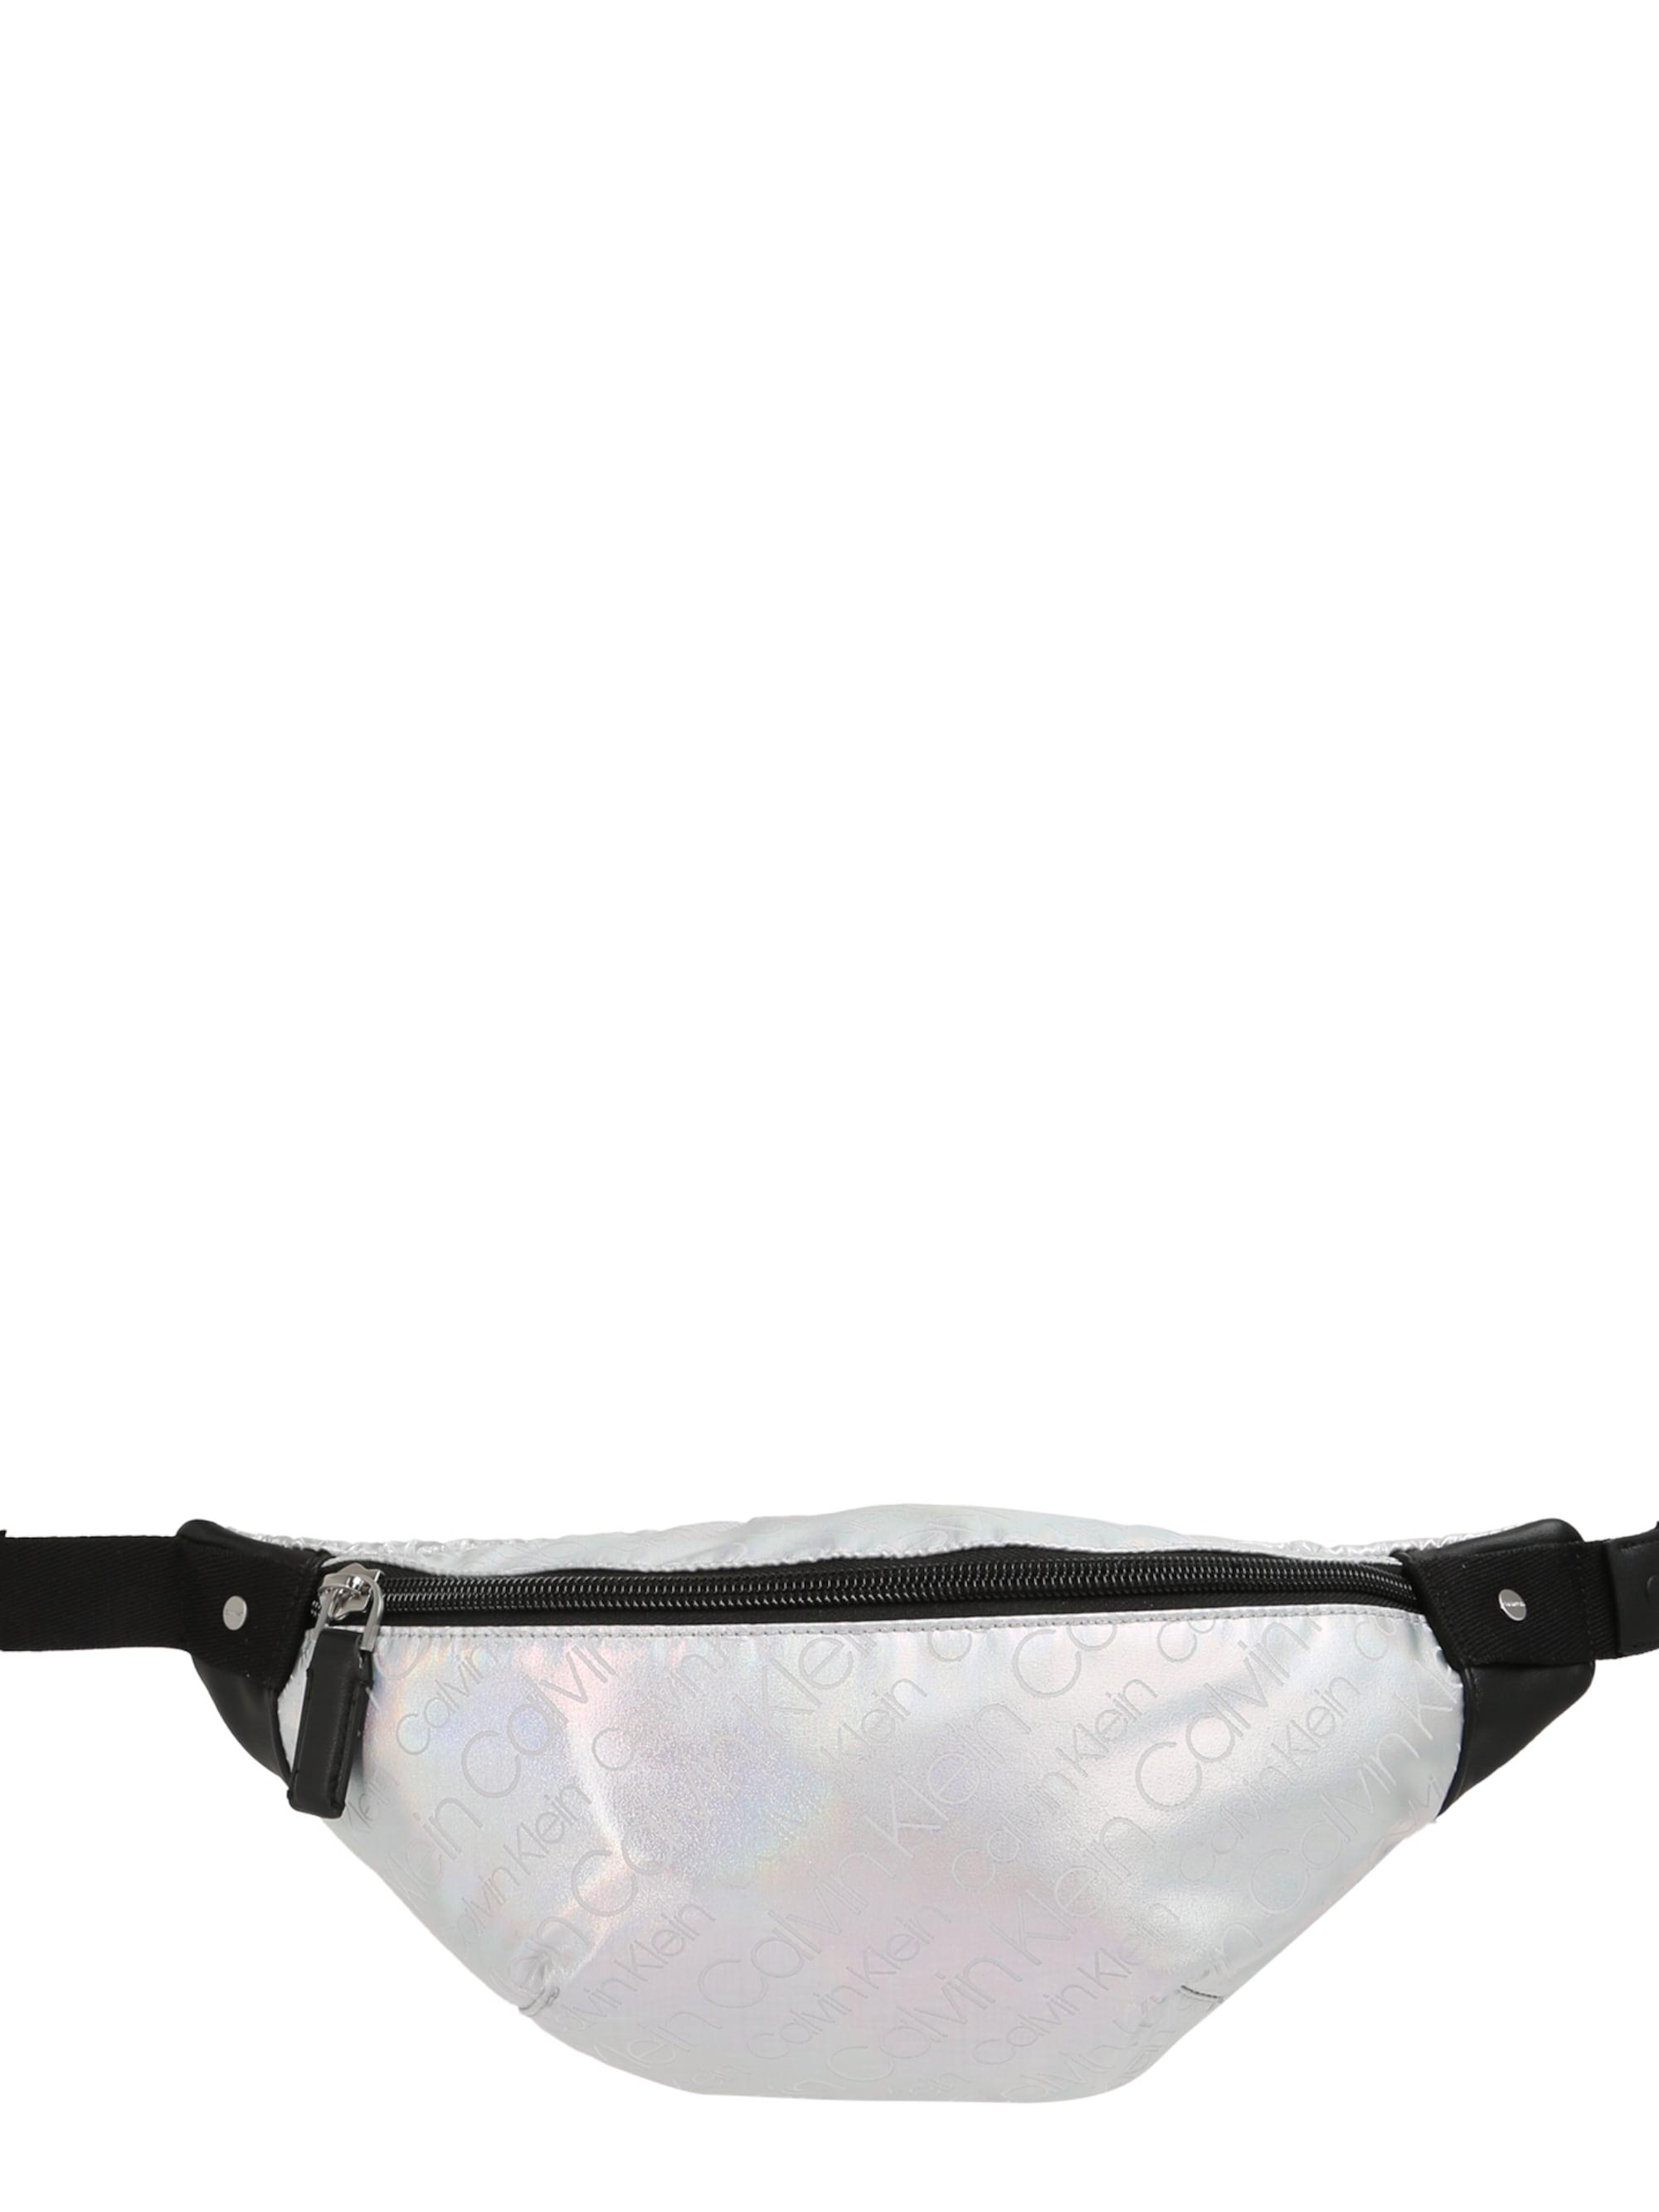 calvin klein - Gürteltasche ´CITY TO BEACH URBAN´